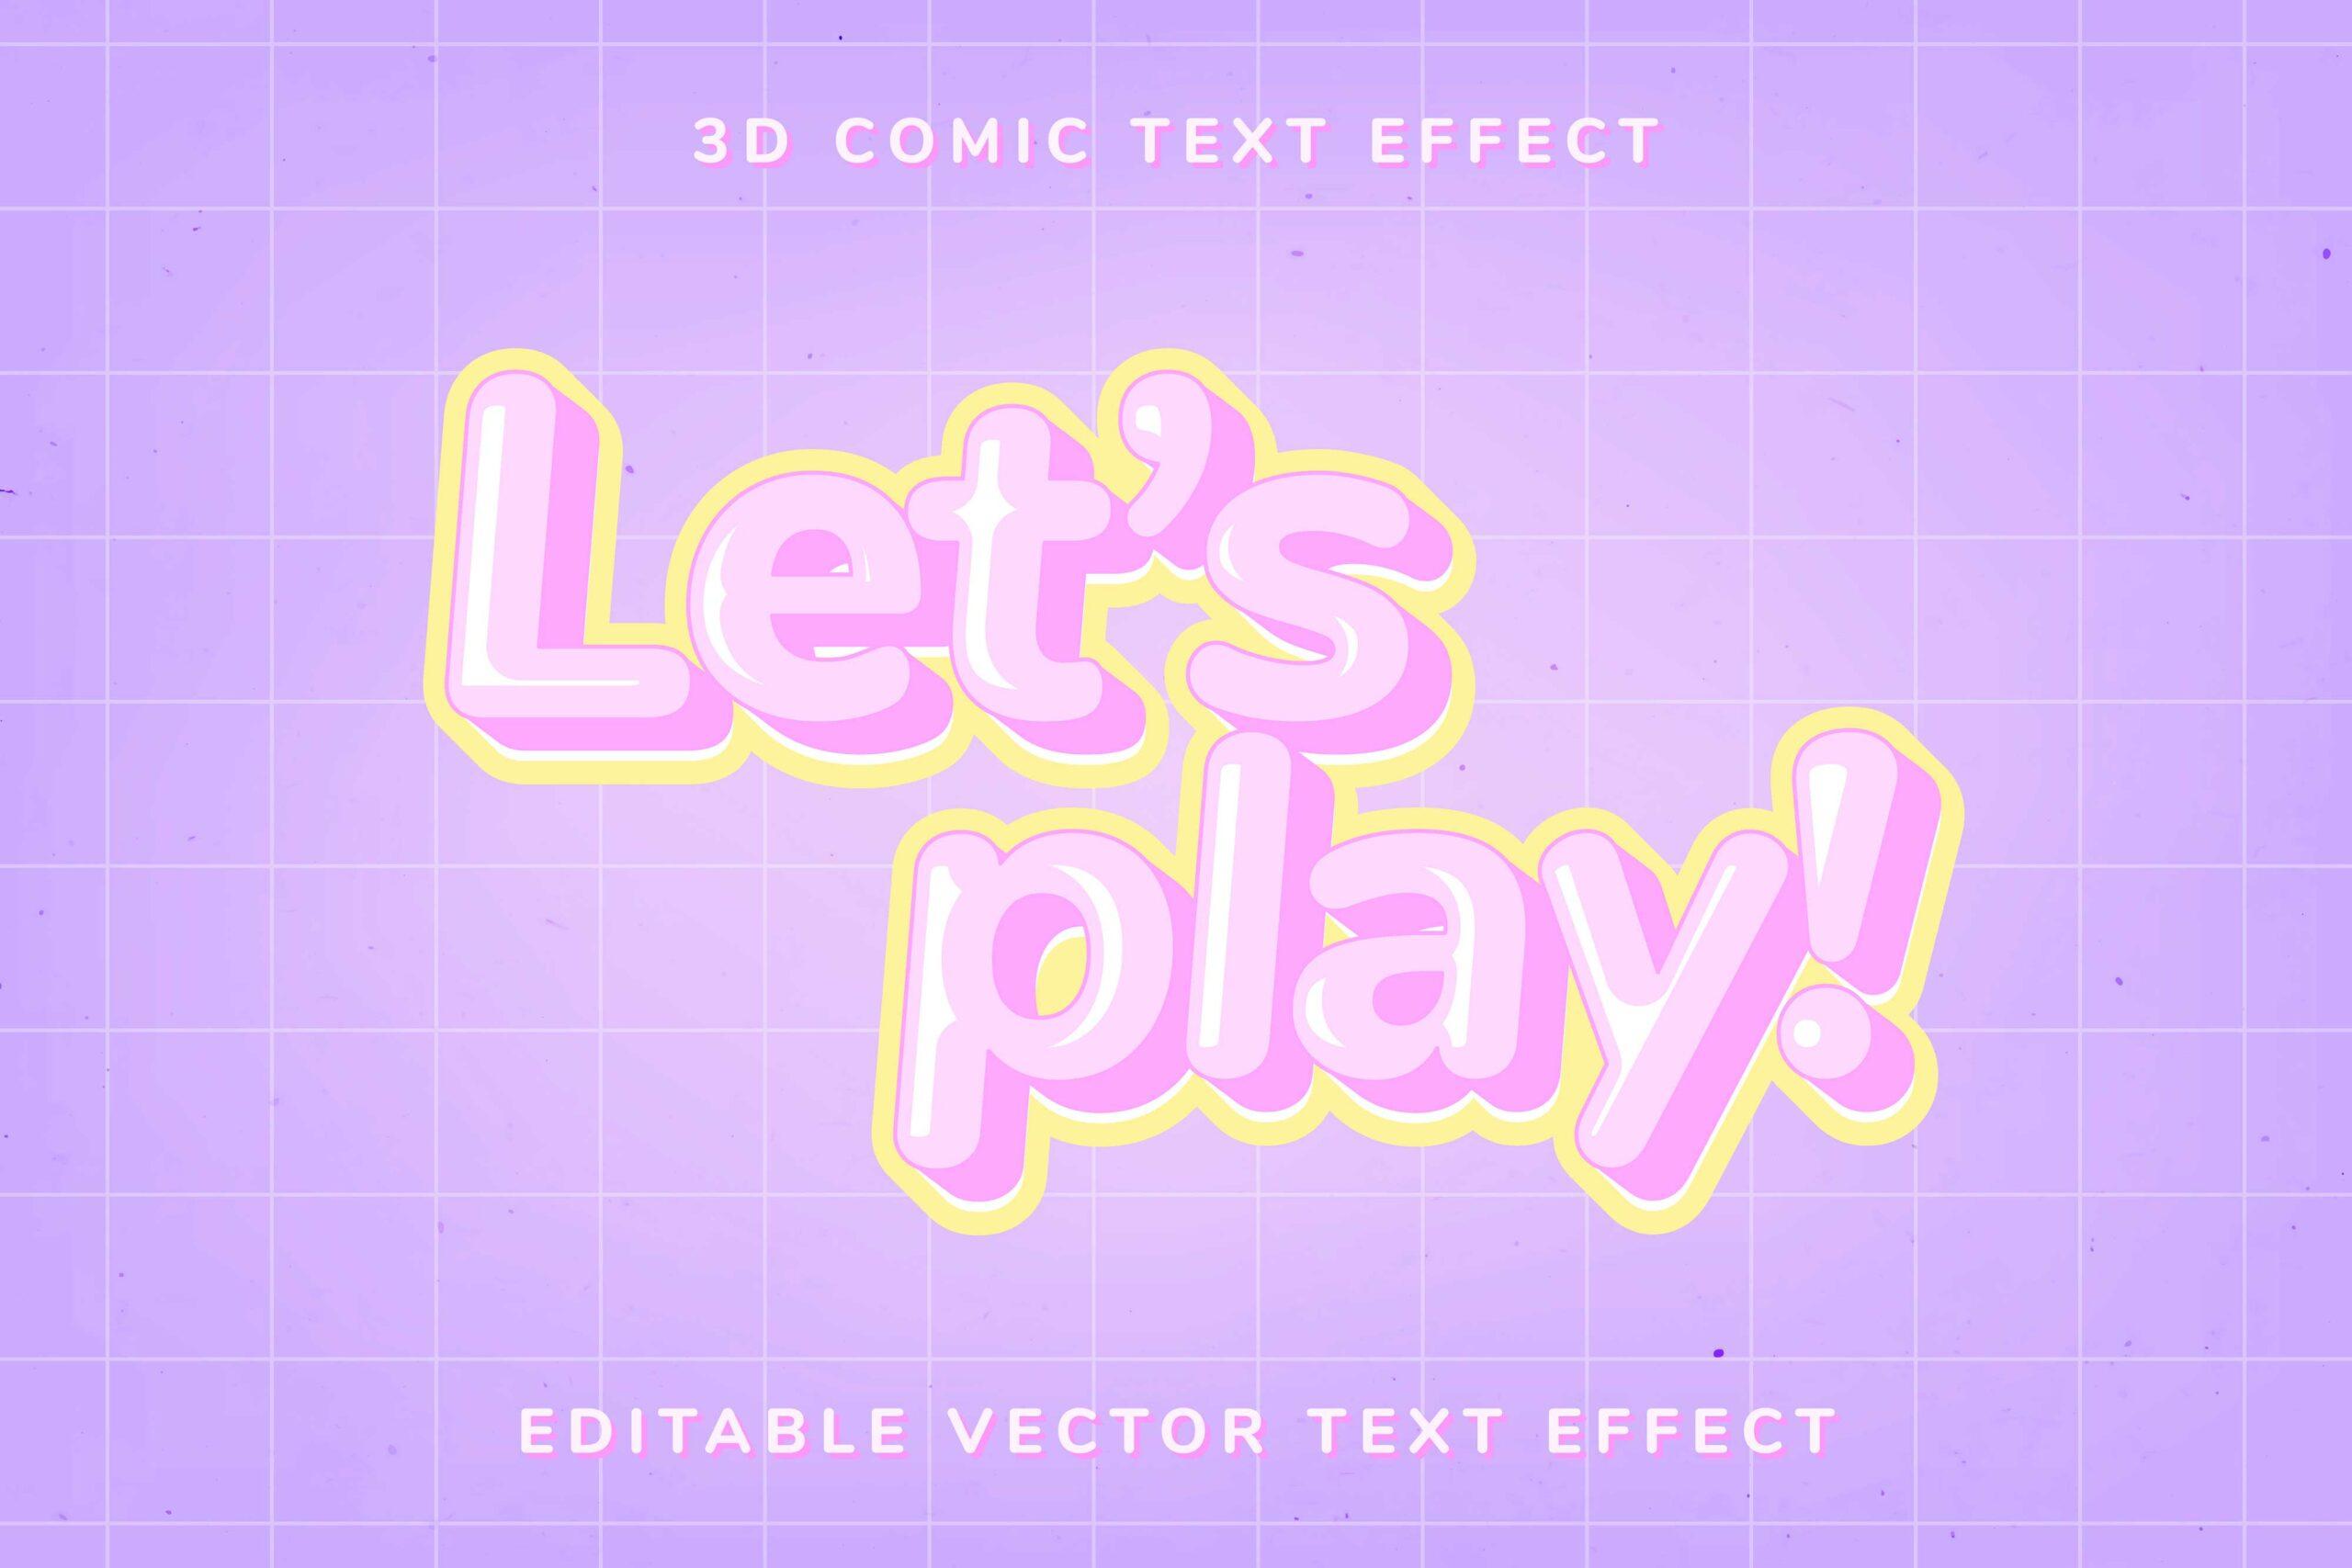 Tải text effect illustrator, hiệu ứng chữ trong AI